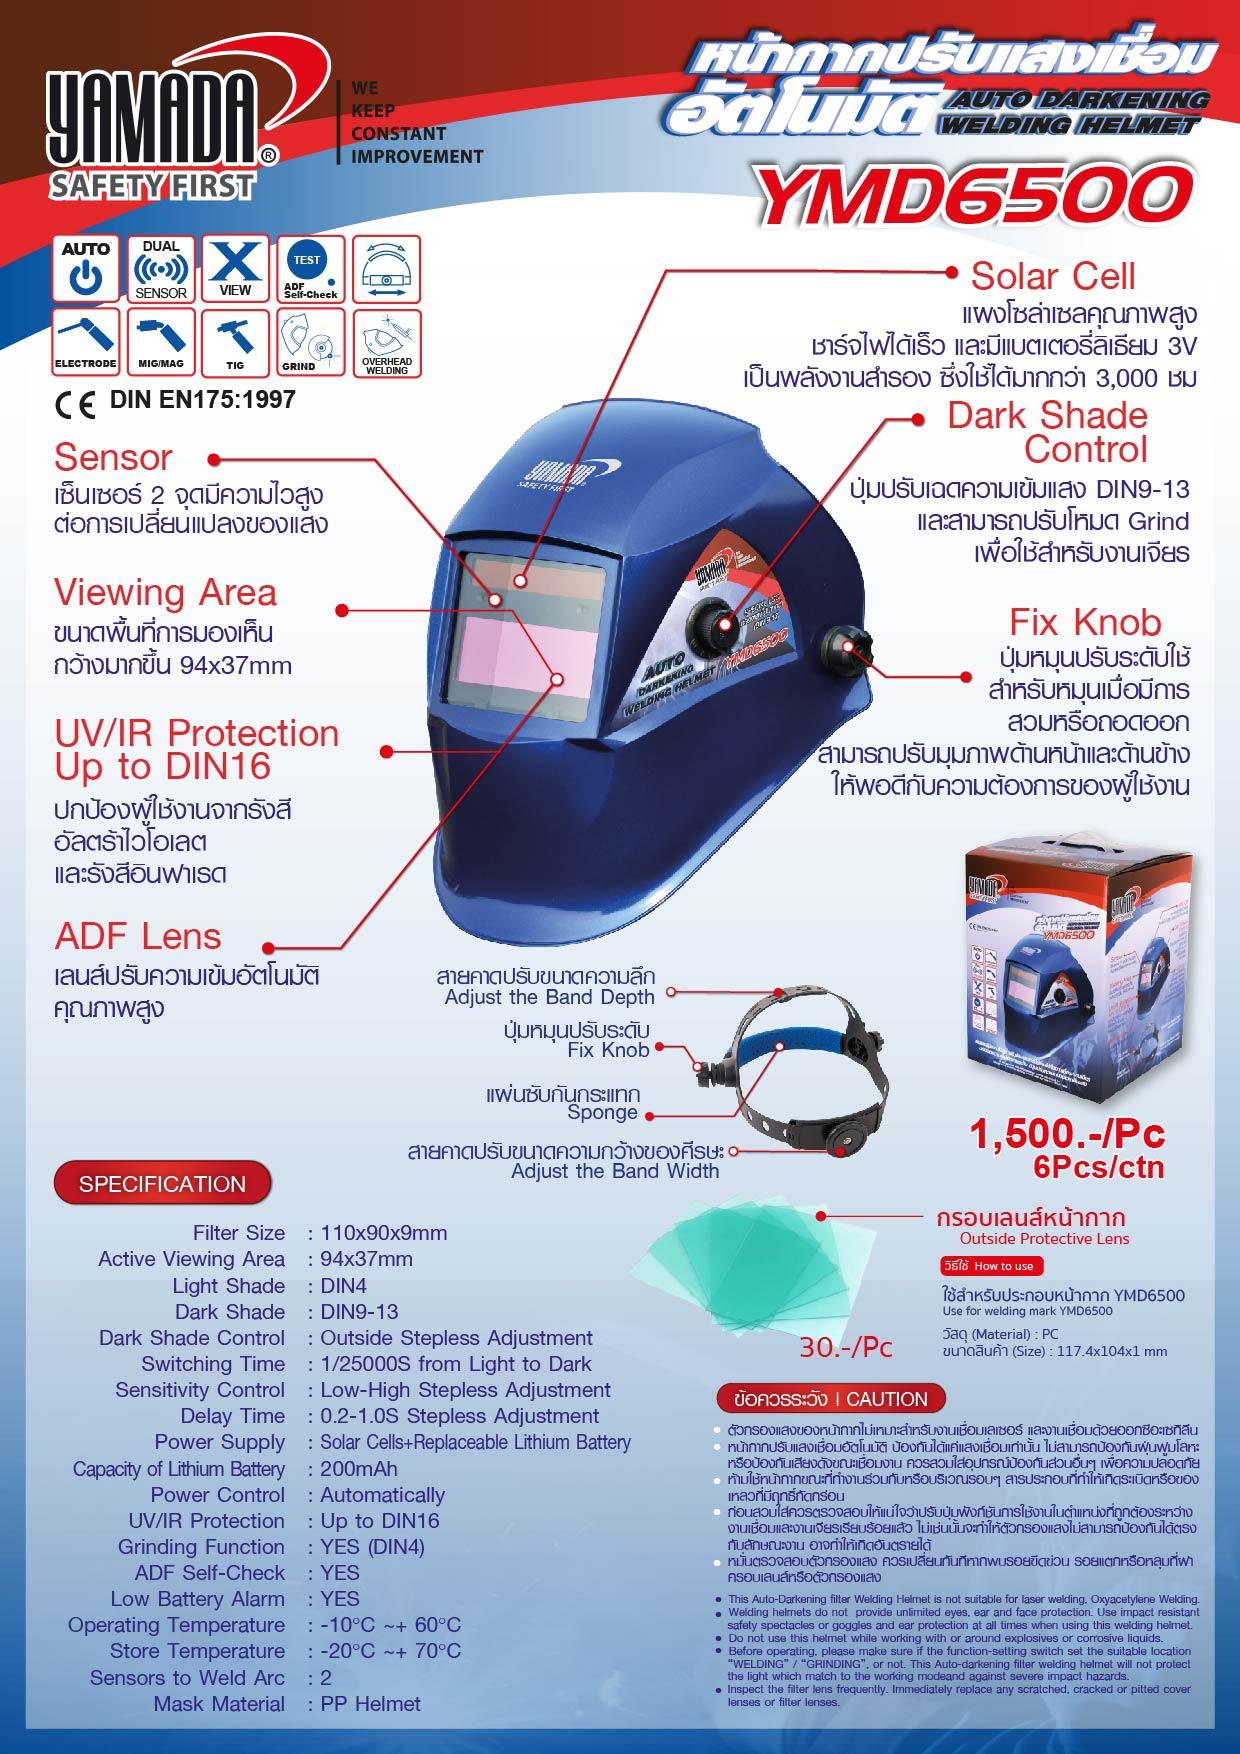 (14/16) หน้ากากปรับแสงเชื่อมอัตโนมัติ YMD6500